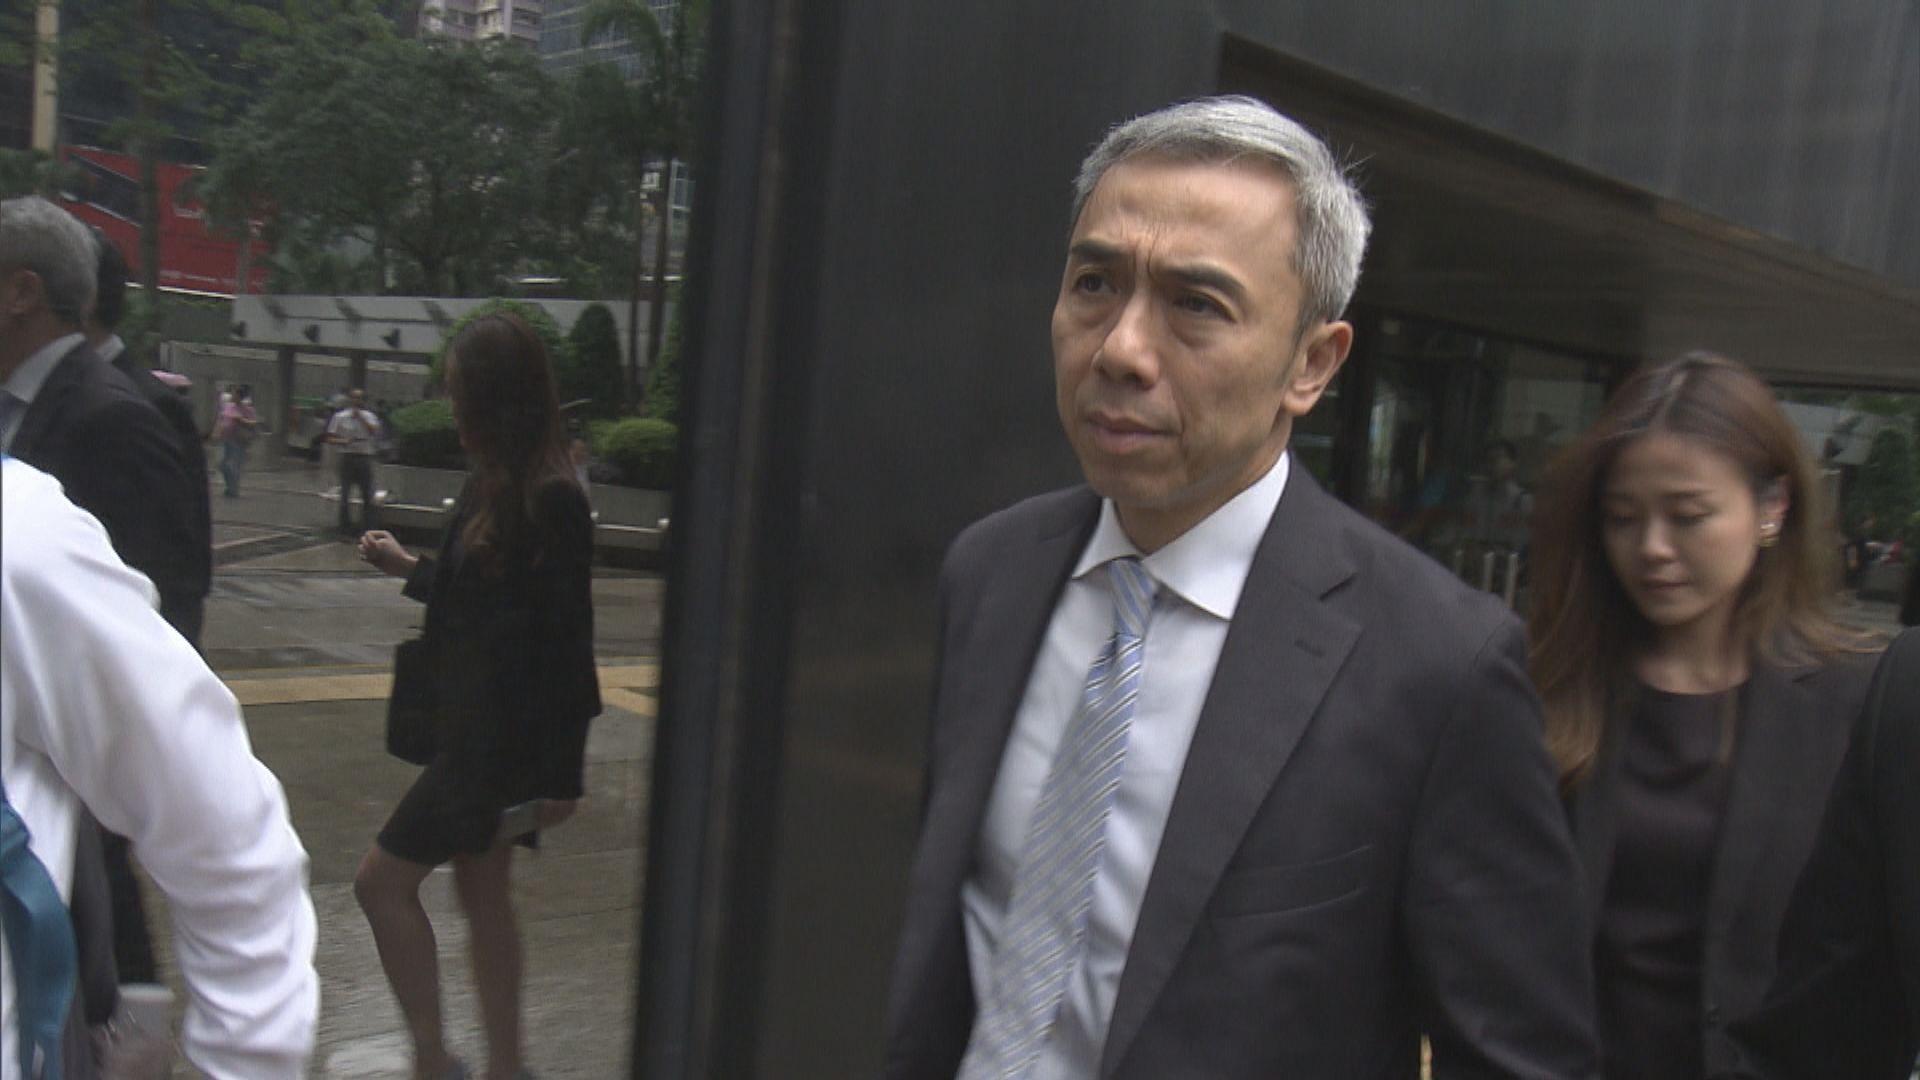 馮永業涉貪案 控方指被告刻意隱瞞